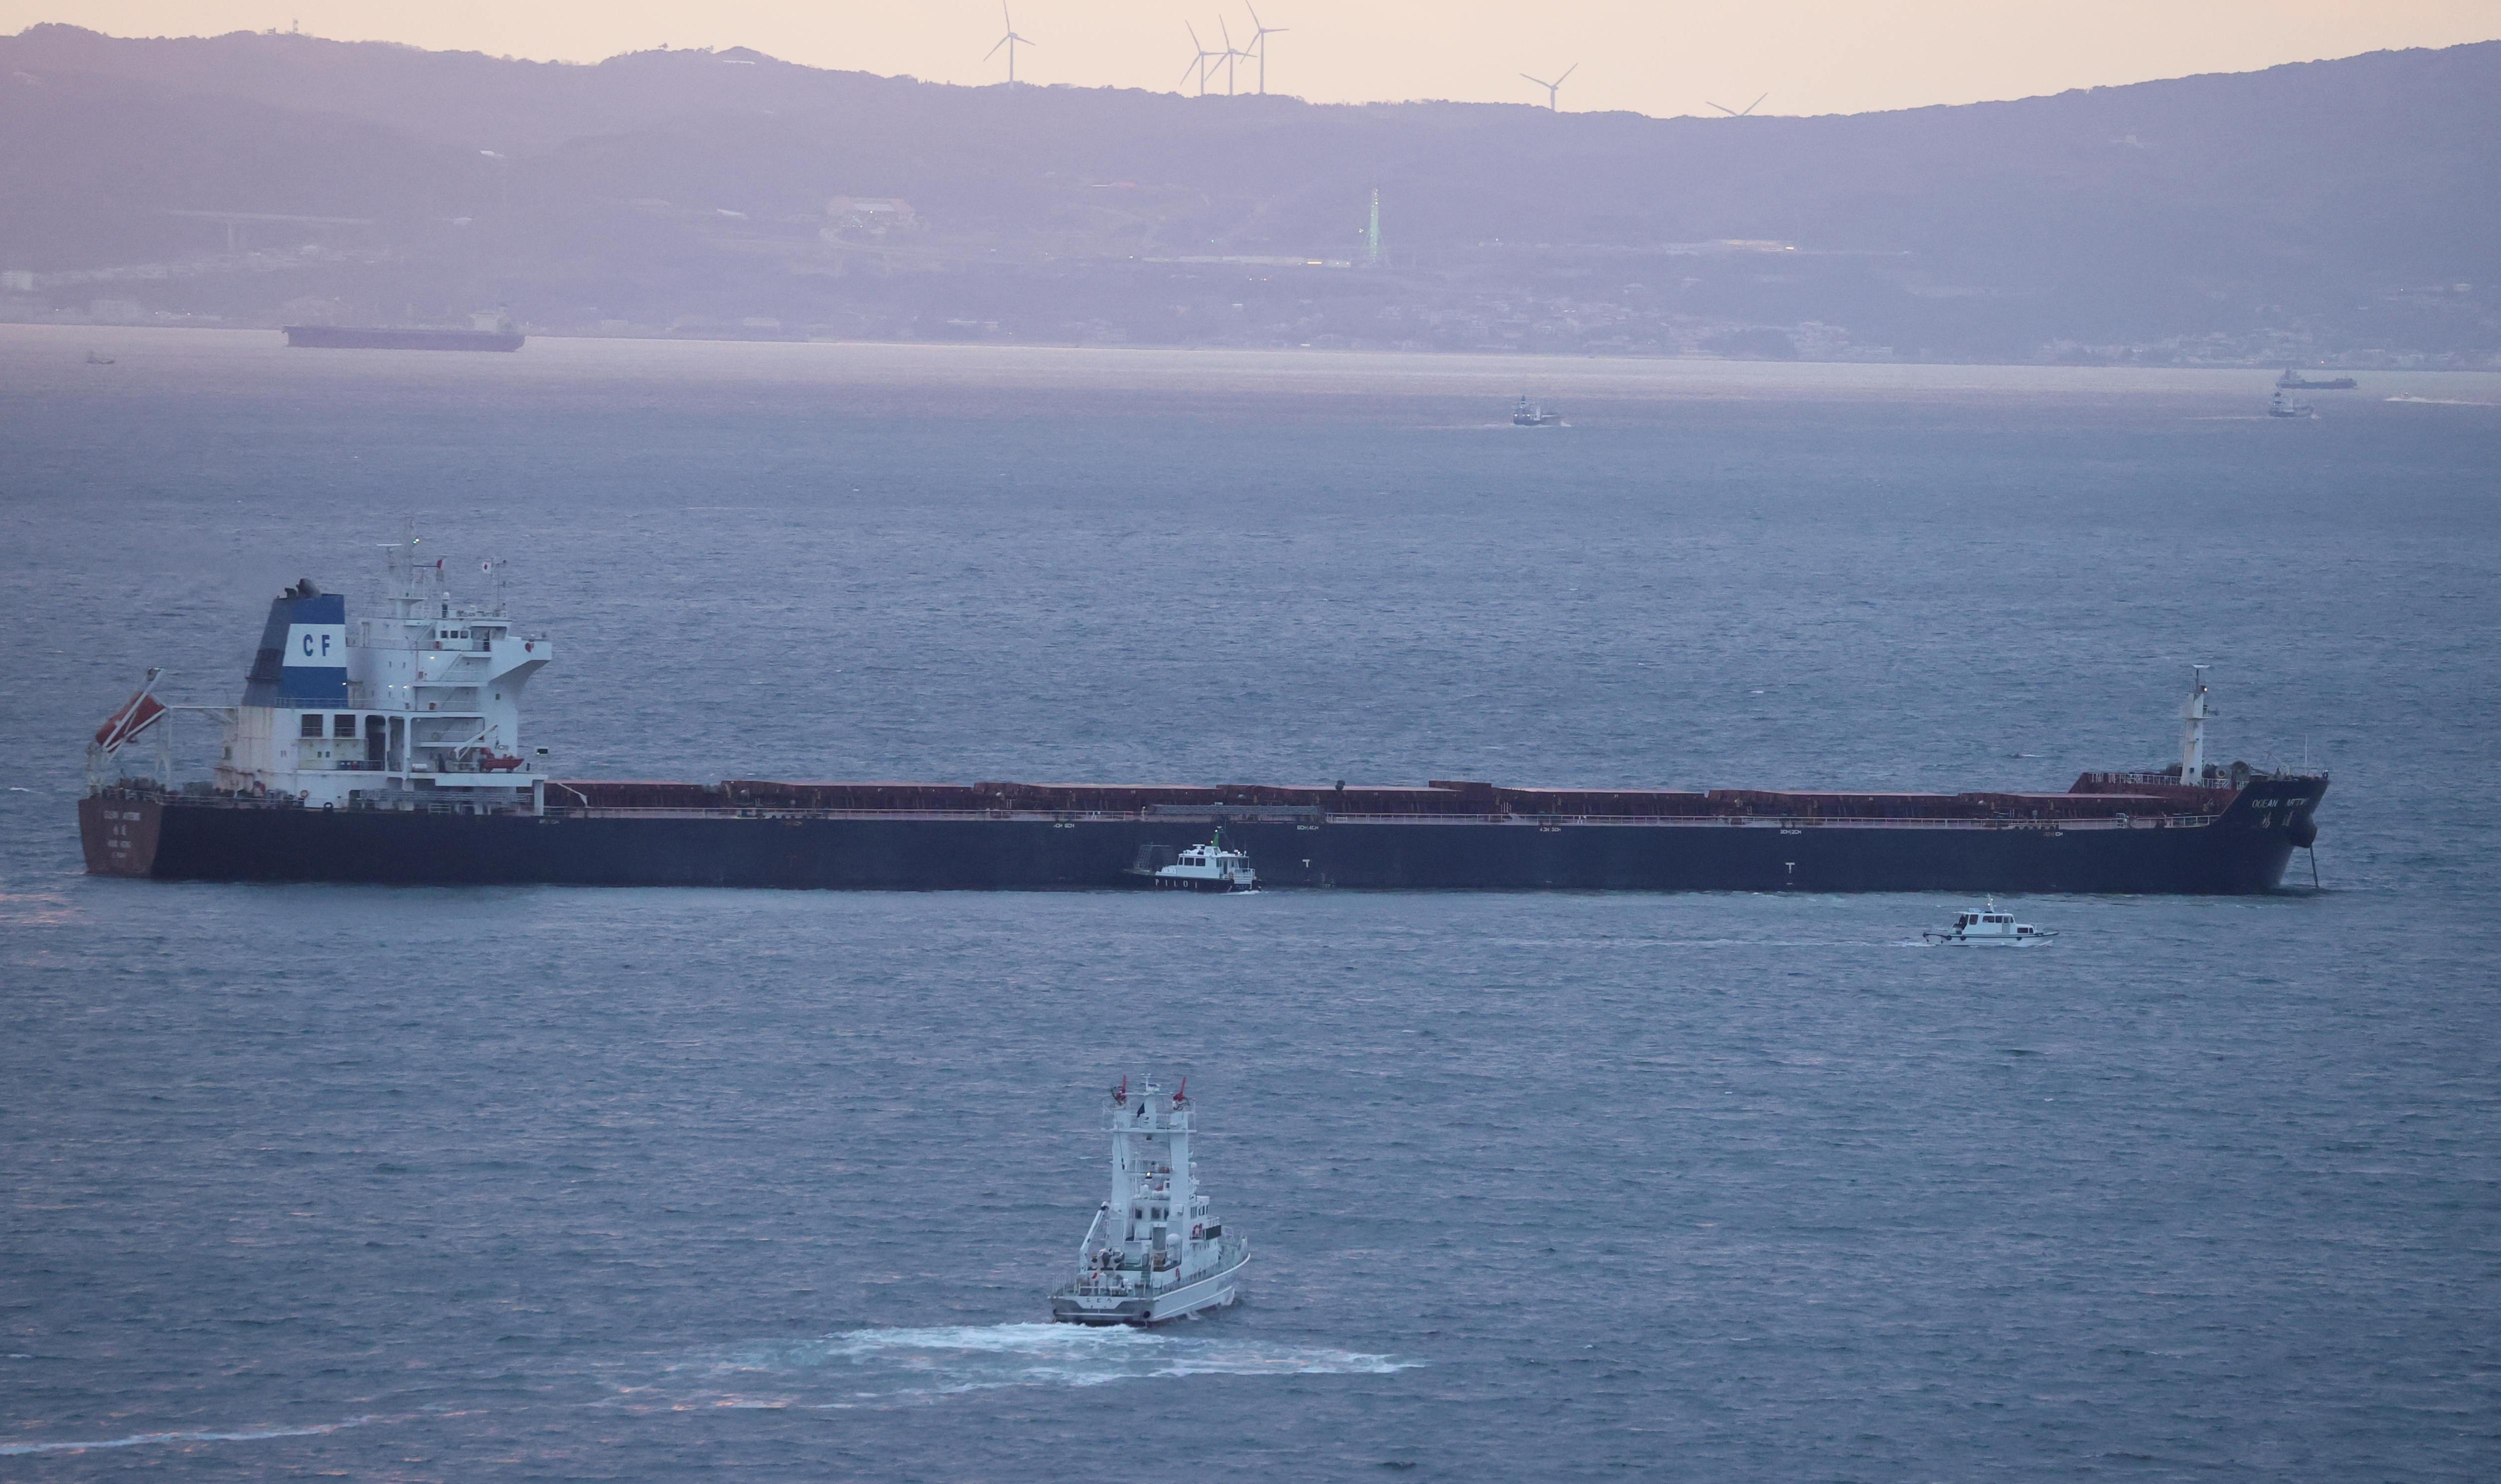 Mobilon kért segítséget a tengeralattjáró személyzete, miután összeütköztek egy hajóval